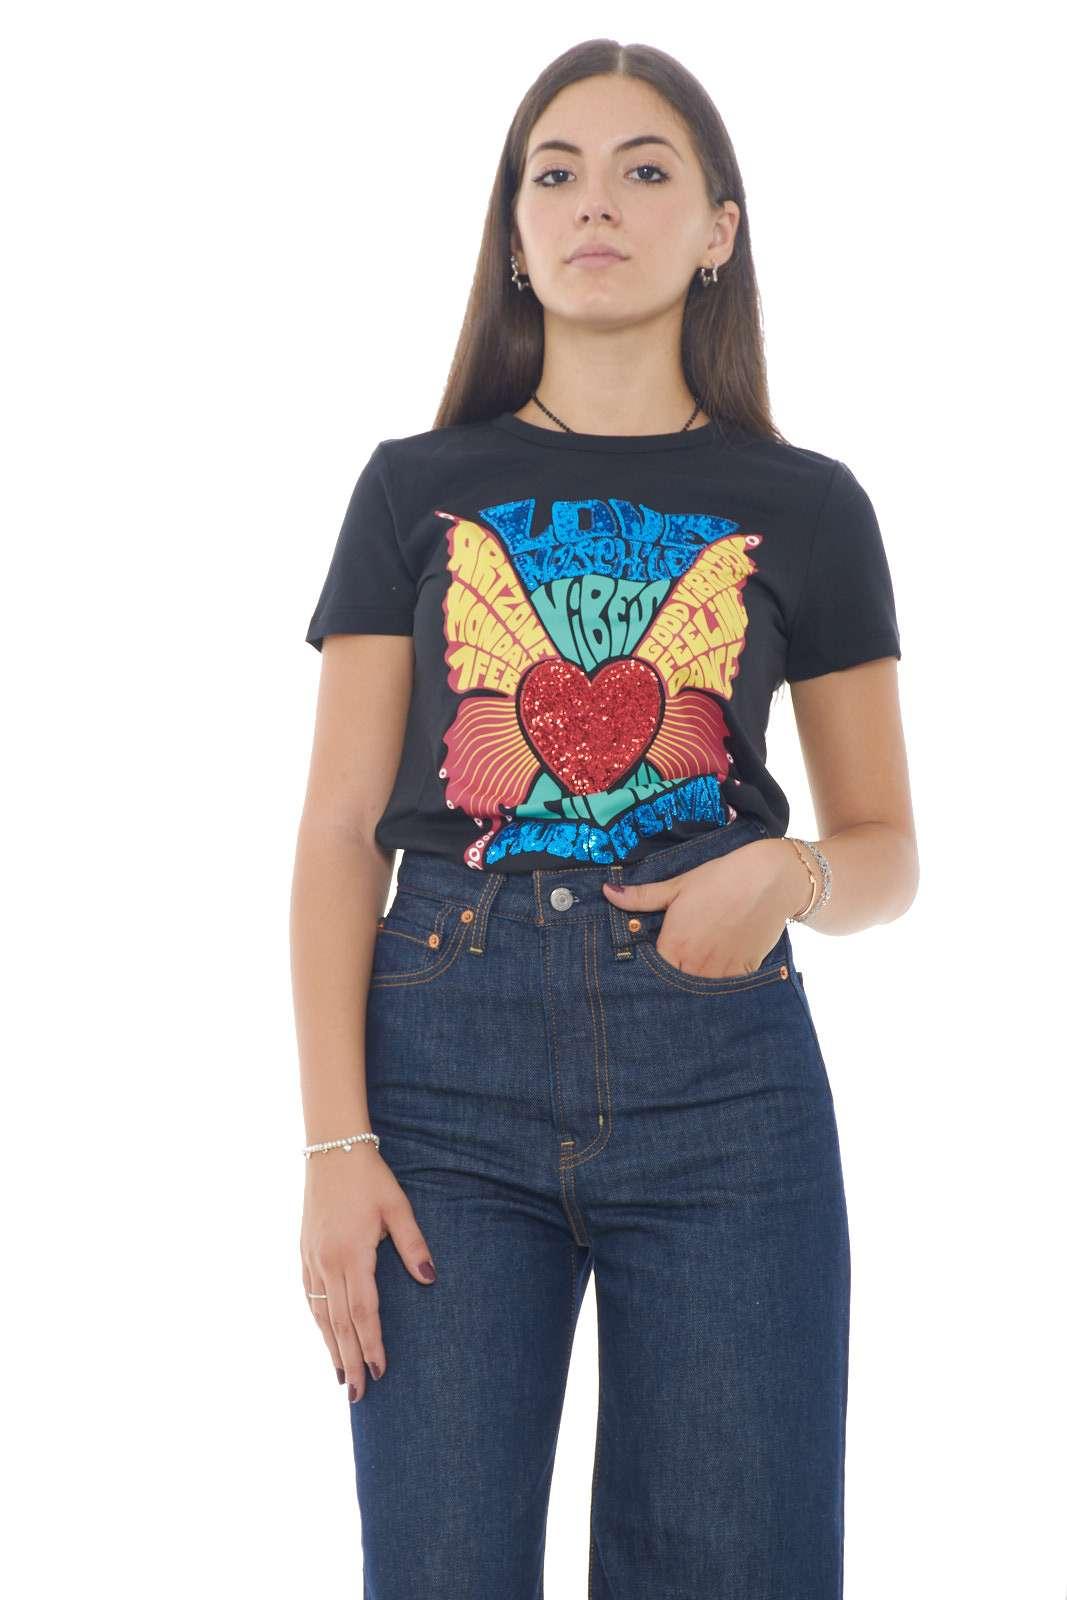 Un vintage revivol per la nuova T shirt firmata dalla collezione Love Moschino. Perfetta per i look più cool è facile da abbinare sia con outfit quotidiani che eleganti. Un capo che si conferma essere un must have ed essere un essential del guardaroba di ogni donna.